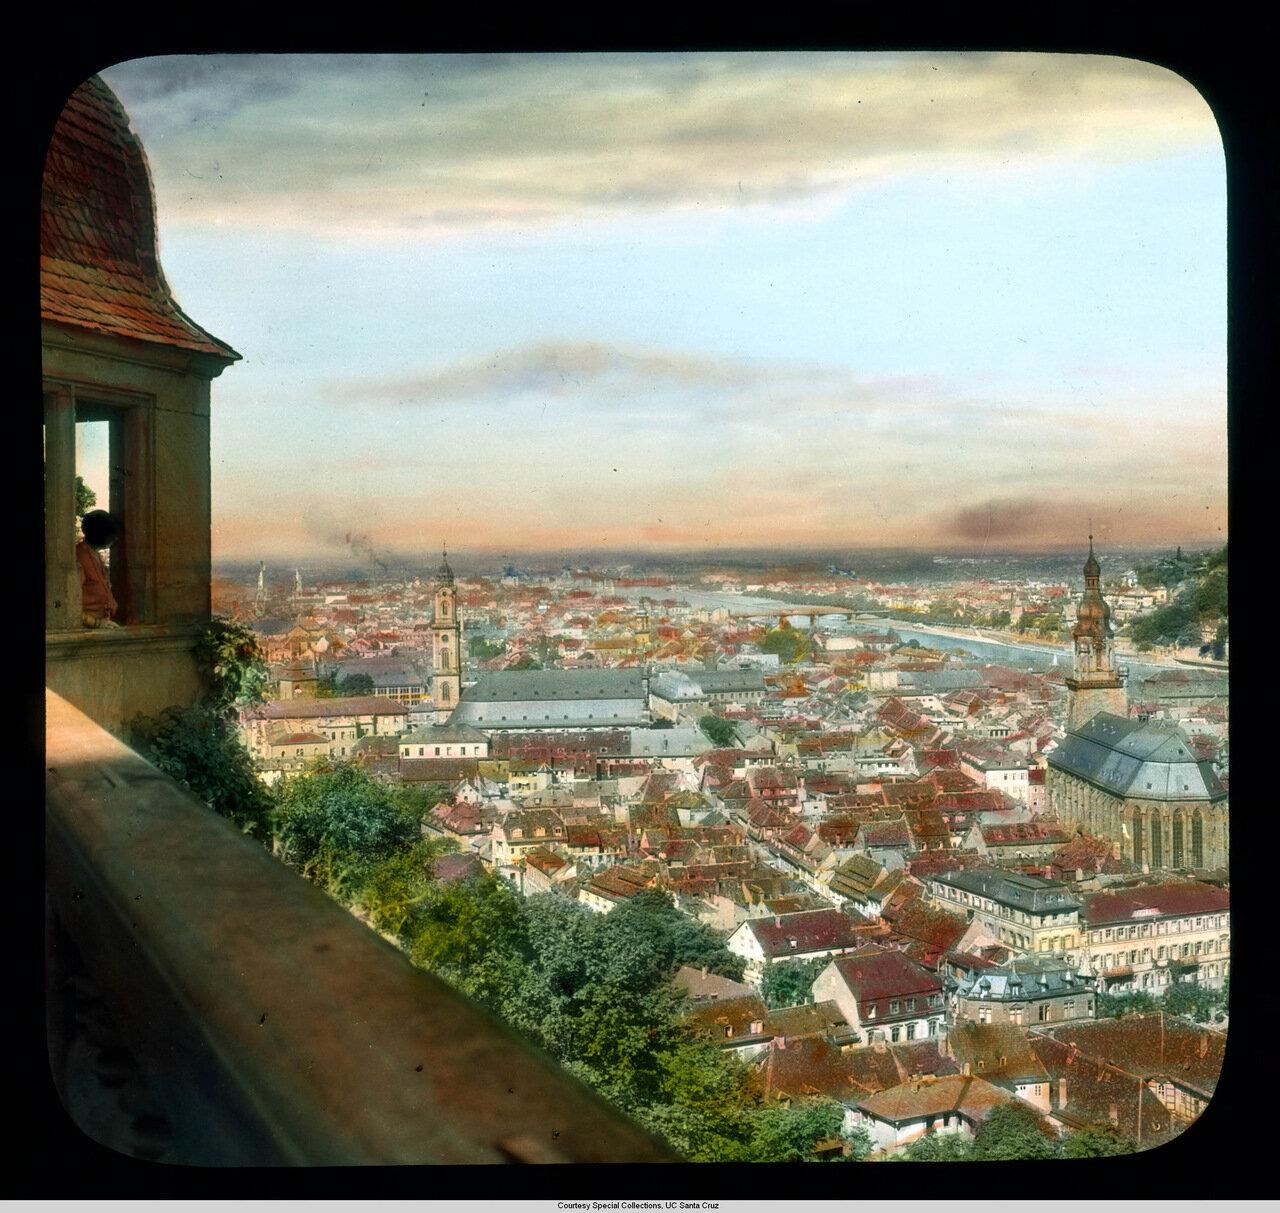 Гейдельберг. Замок. Вид на Старый город с террасы замка.